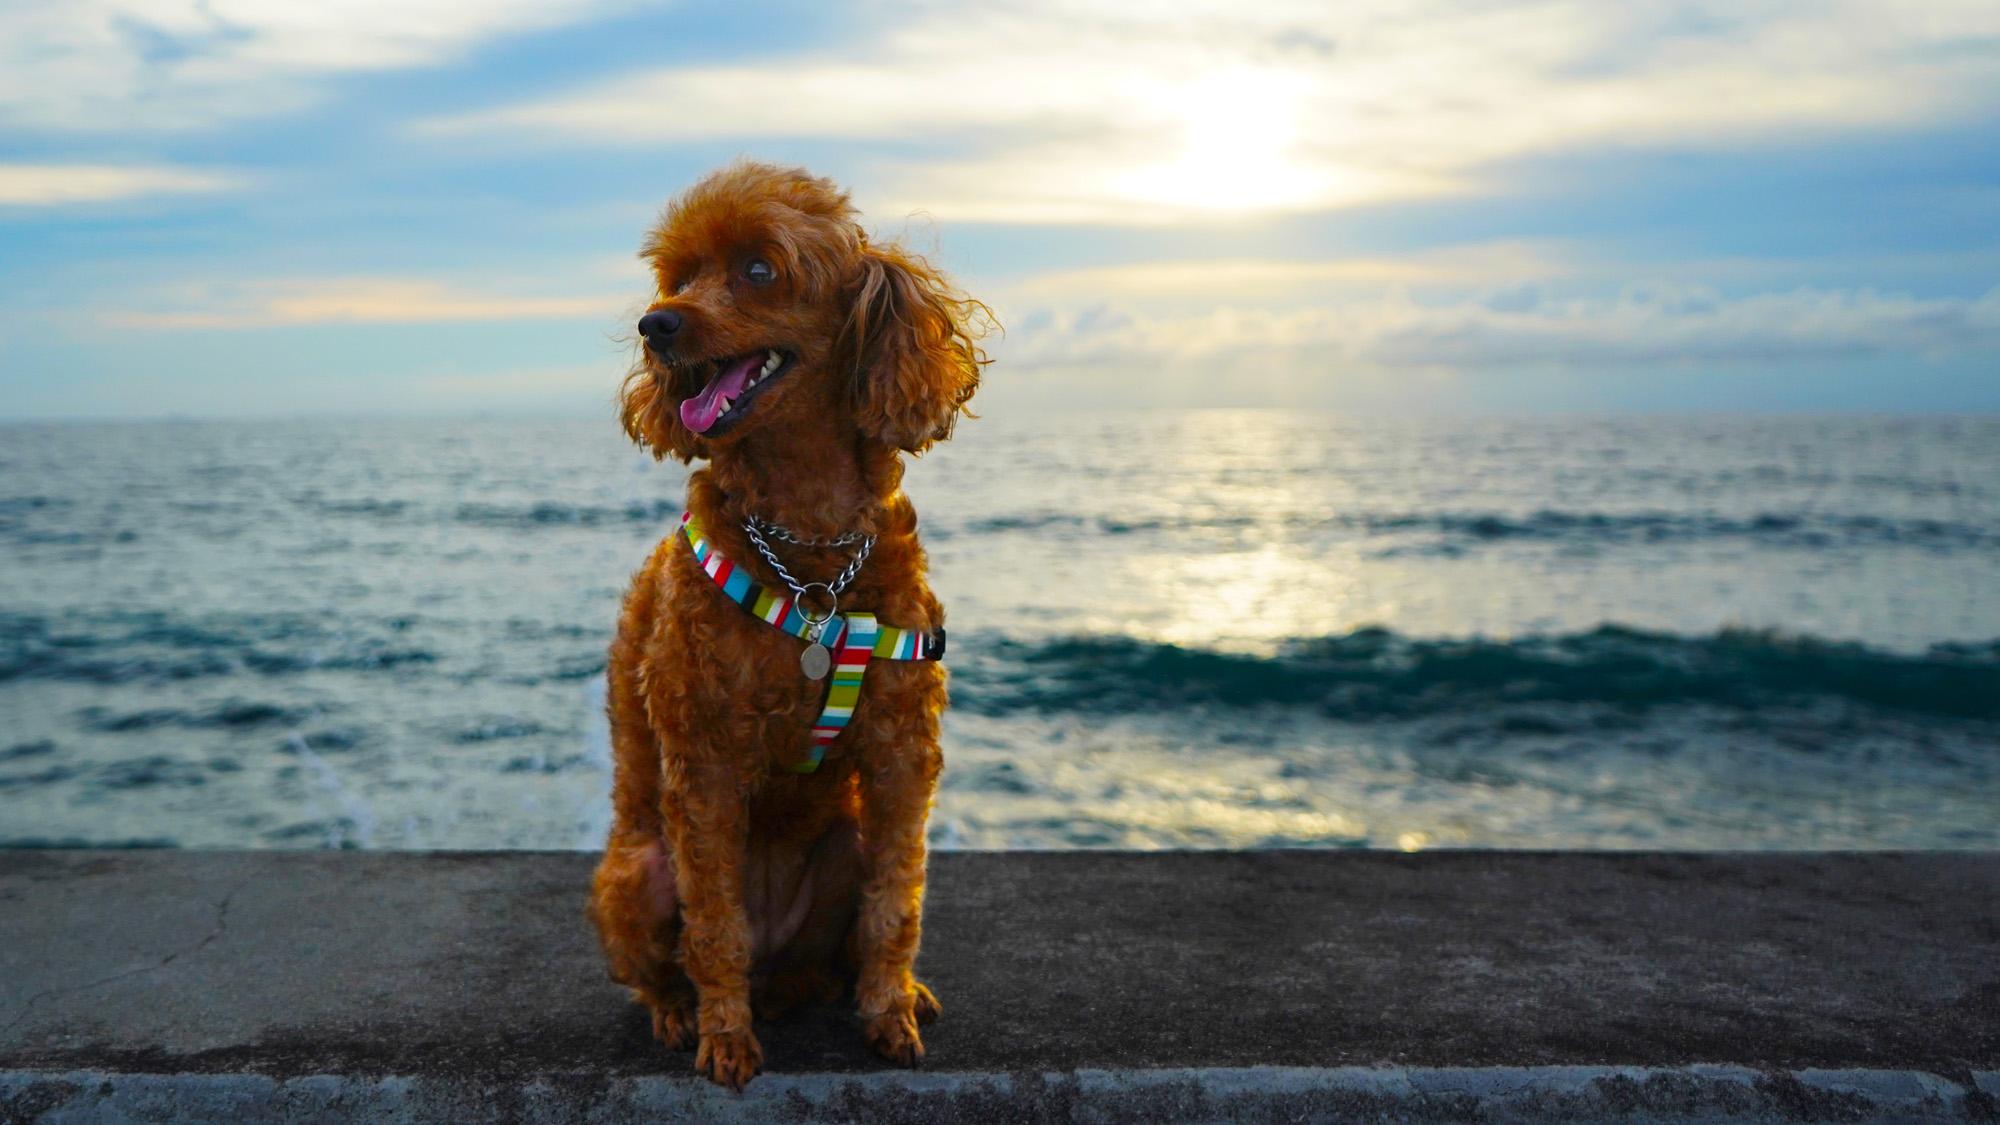 ティナちゃんと砂辺で散歩